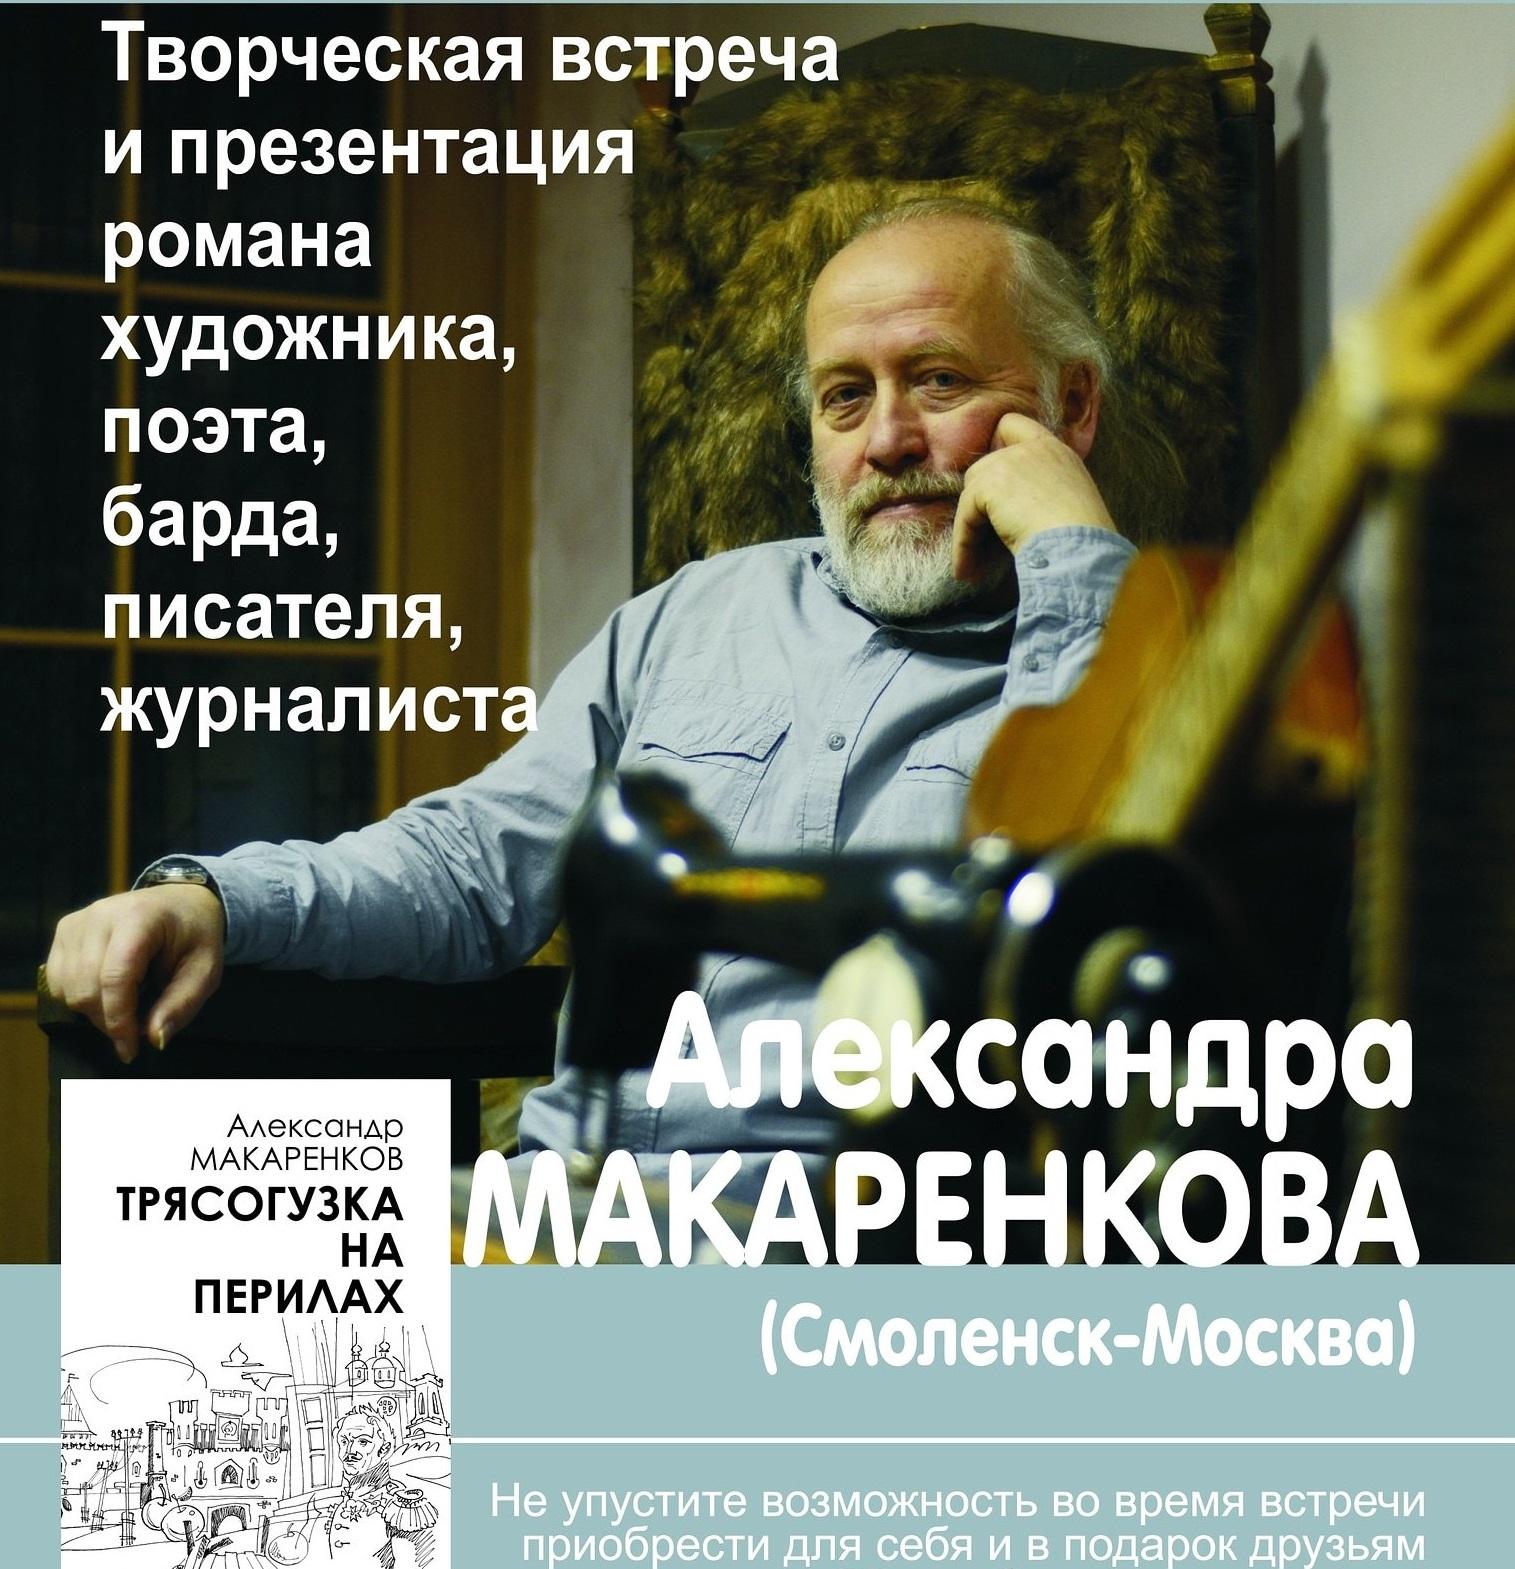 Творческая встреча Александром Макаренковым